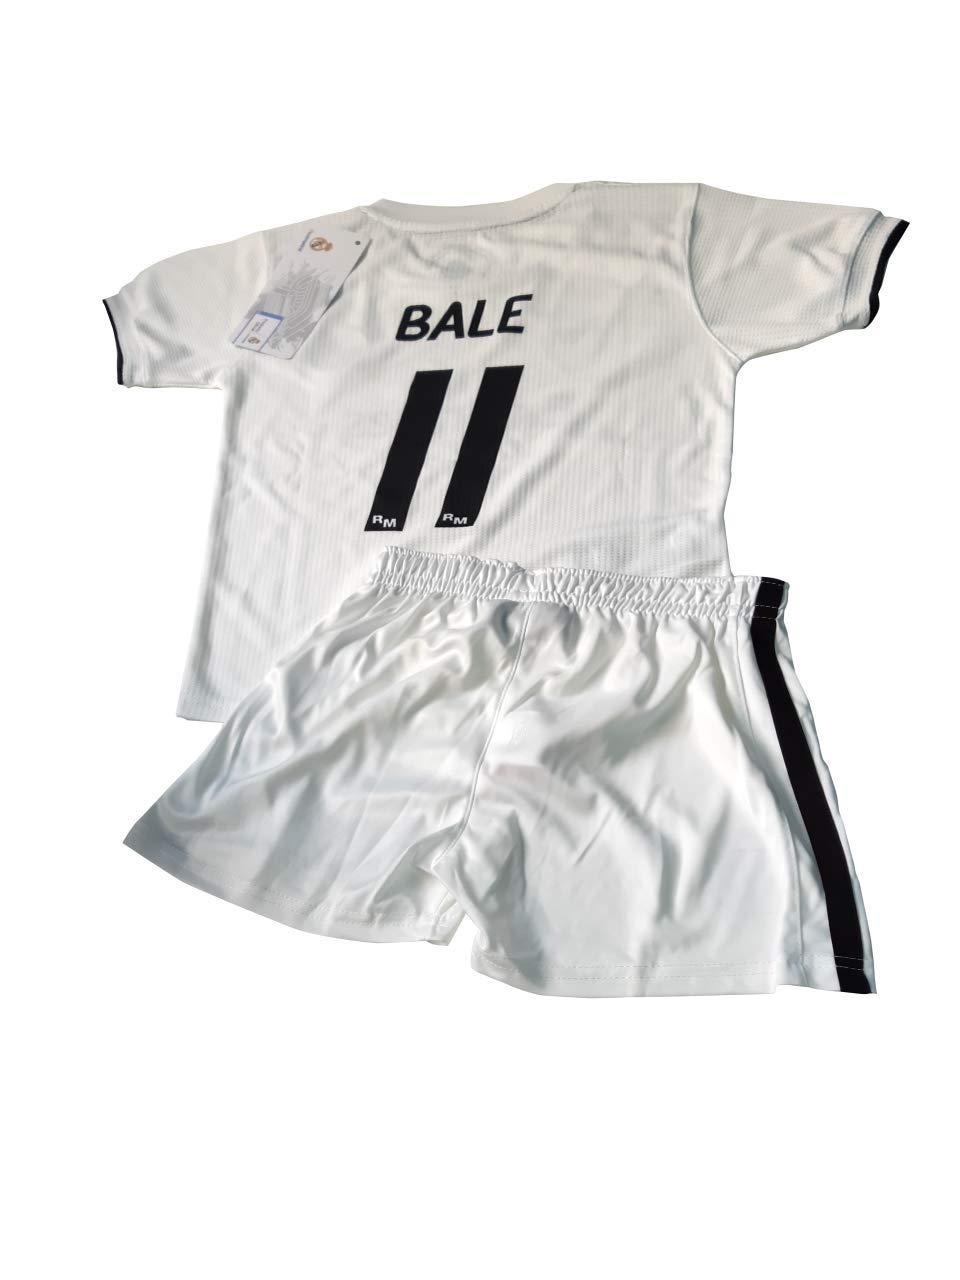 T-Shirt und Hose Set 1. Gang von Real Madrid 2018-2019 - Offizielle Replik Lizenziert - Rücker Bale - Kinder Größe 10 Jahre - Messungen Truhe 43.5 - Gesamtlänge 59 - Langarm 16 cm.